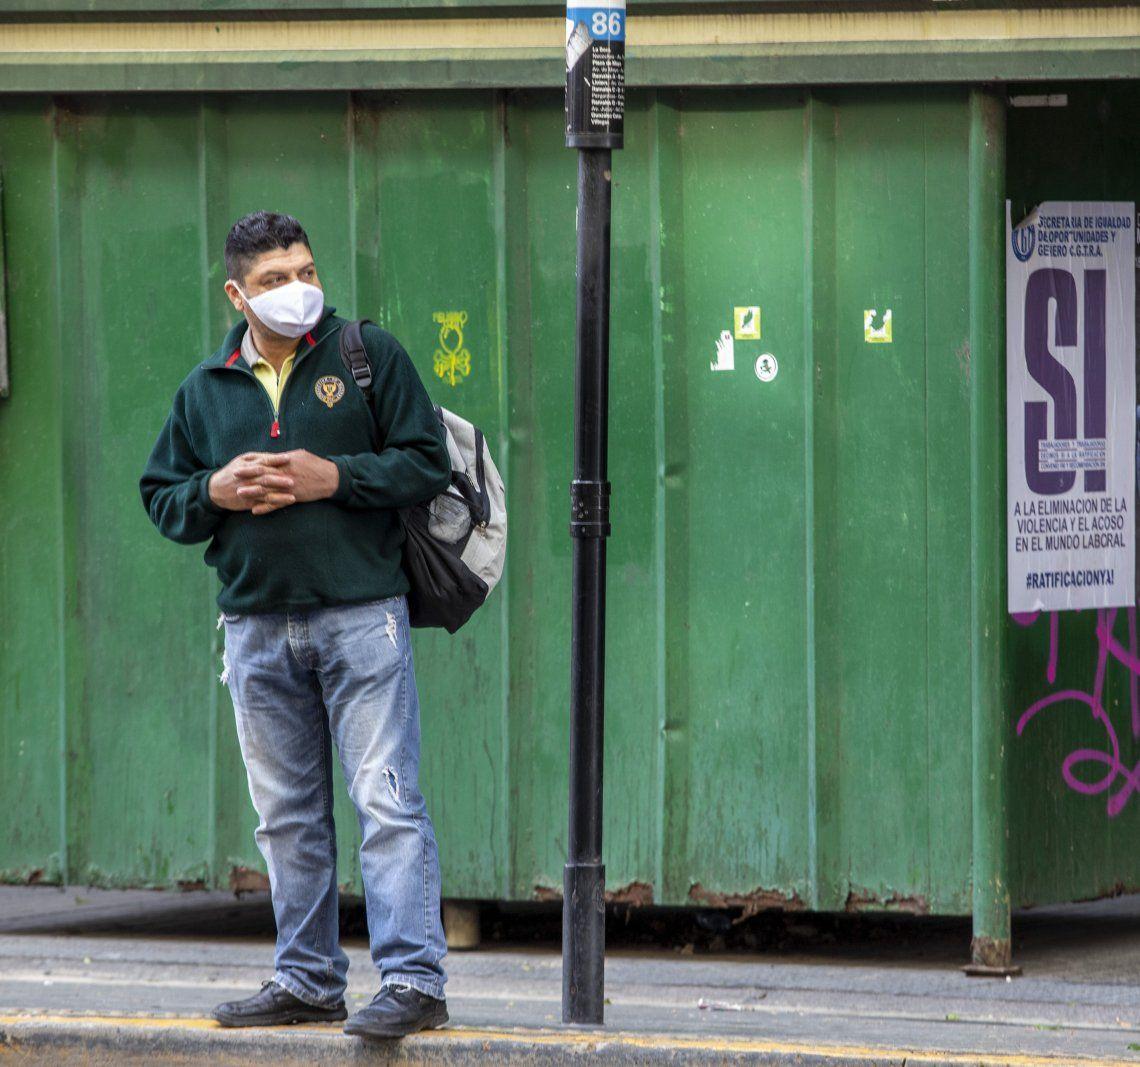 La OMS volvió a cambiar de opinión sobre el uso de mascarillas